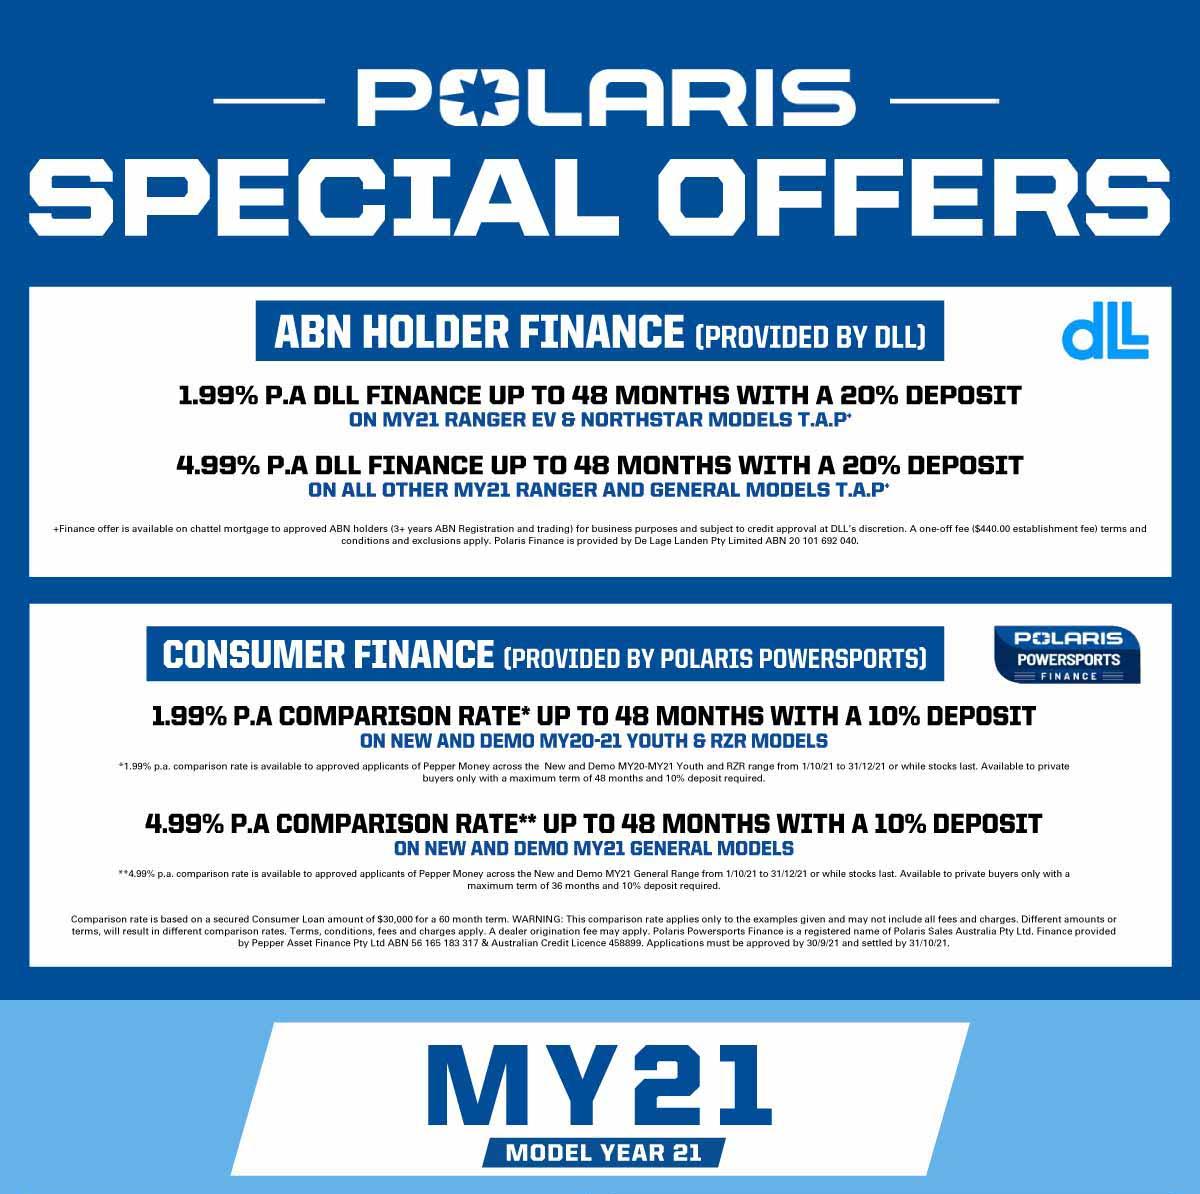 Polaris Specials